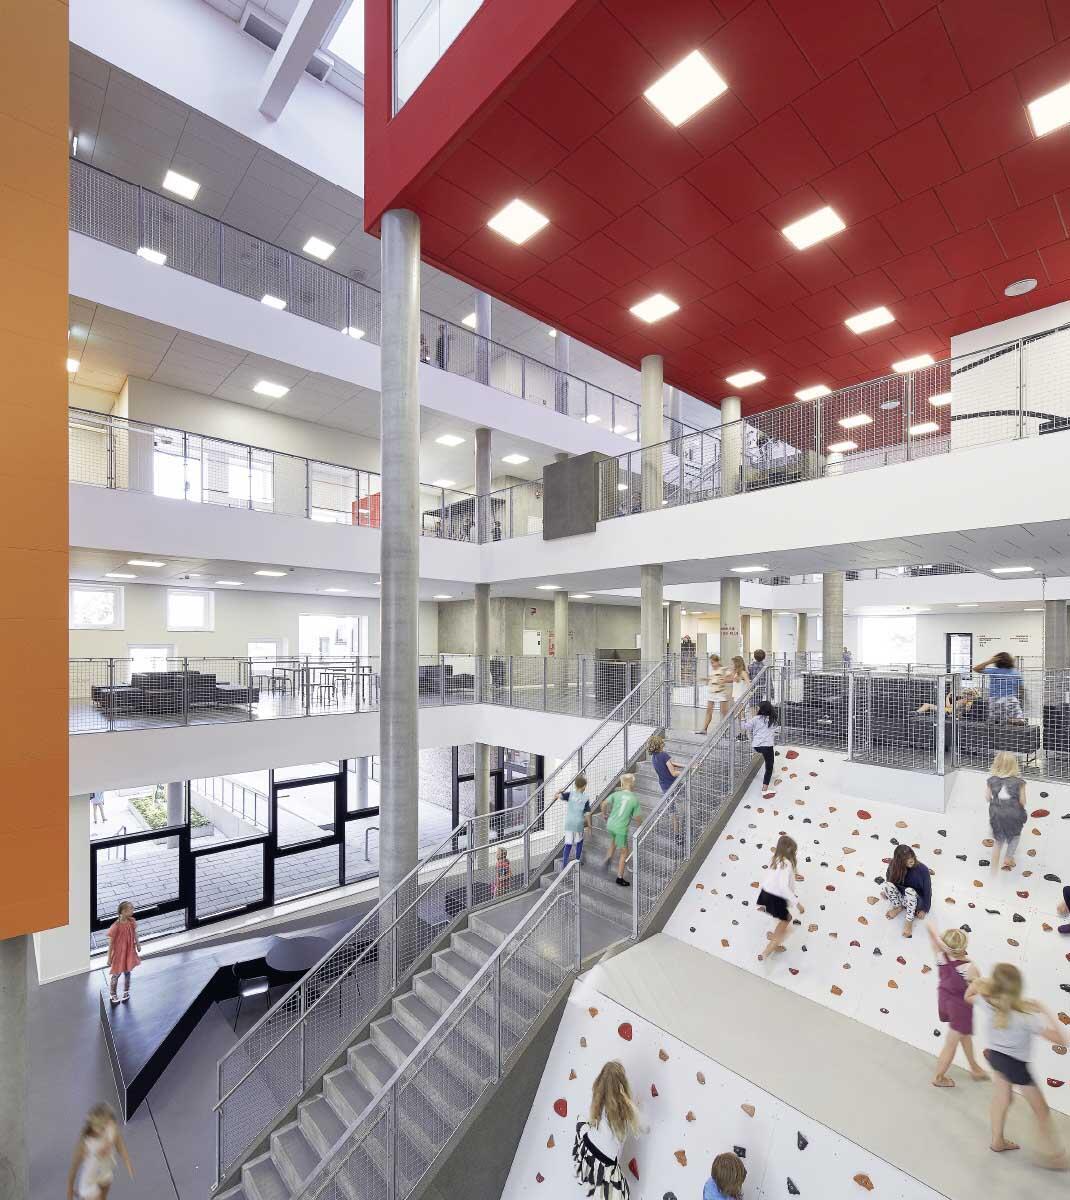 Ganztagesschulen erfordern Räume für Begegnung und Rückzug, für Bewegung und Ruhe. Atrium in der Frederiksbjerg-Schule in Århus, Dänemark (Henning Larsen Architects, 2016).  Bild: Hufton + Crow